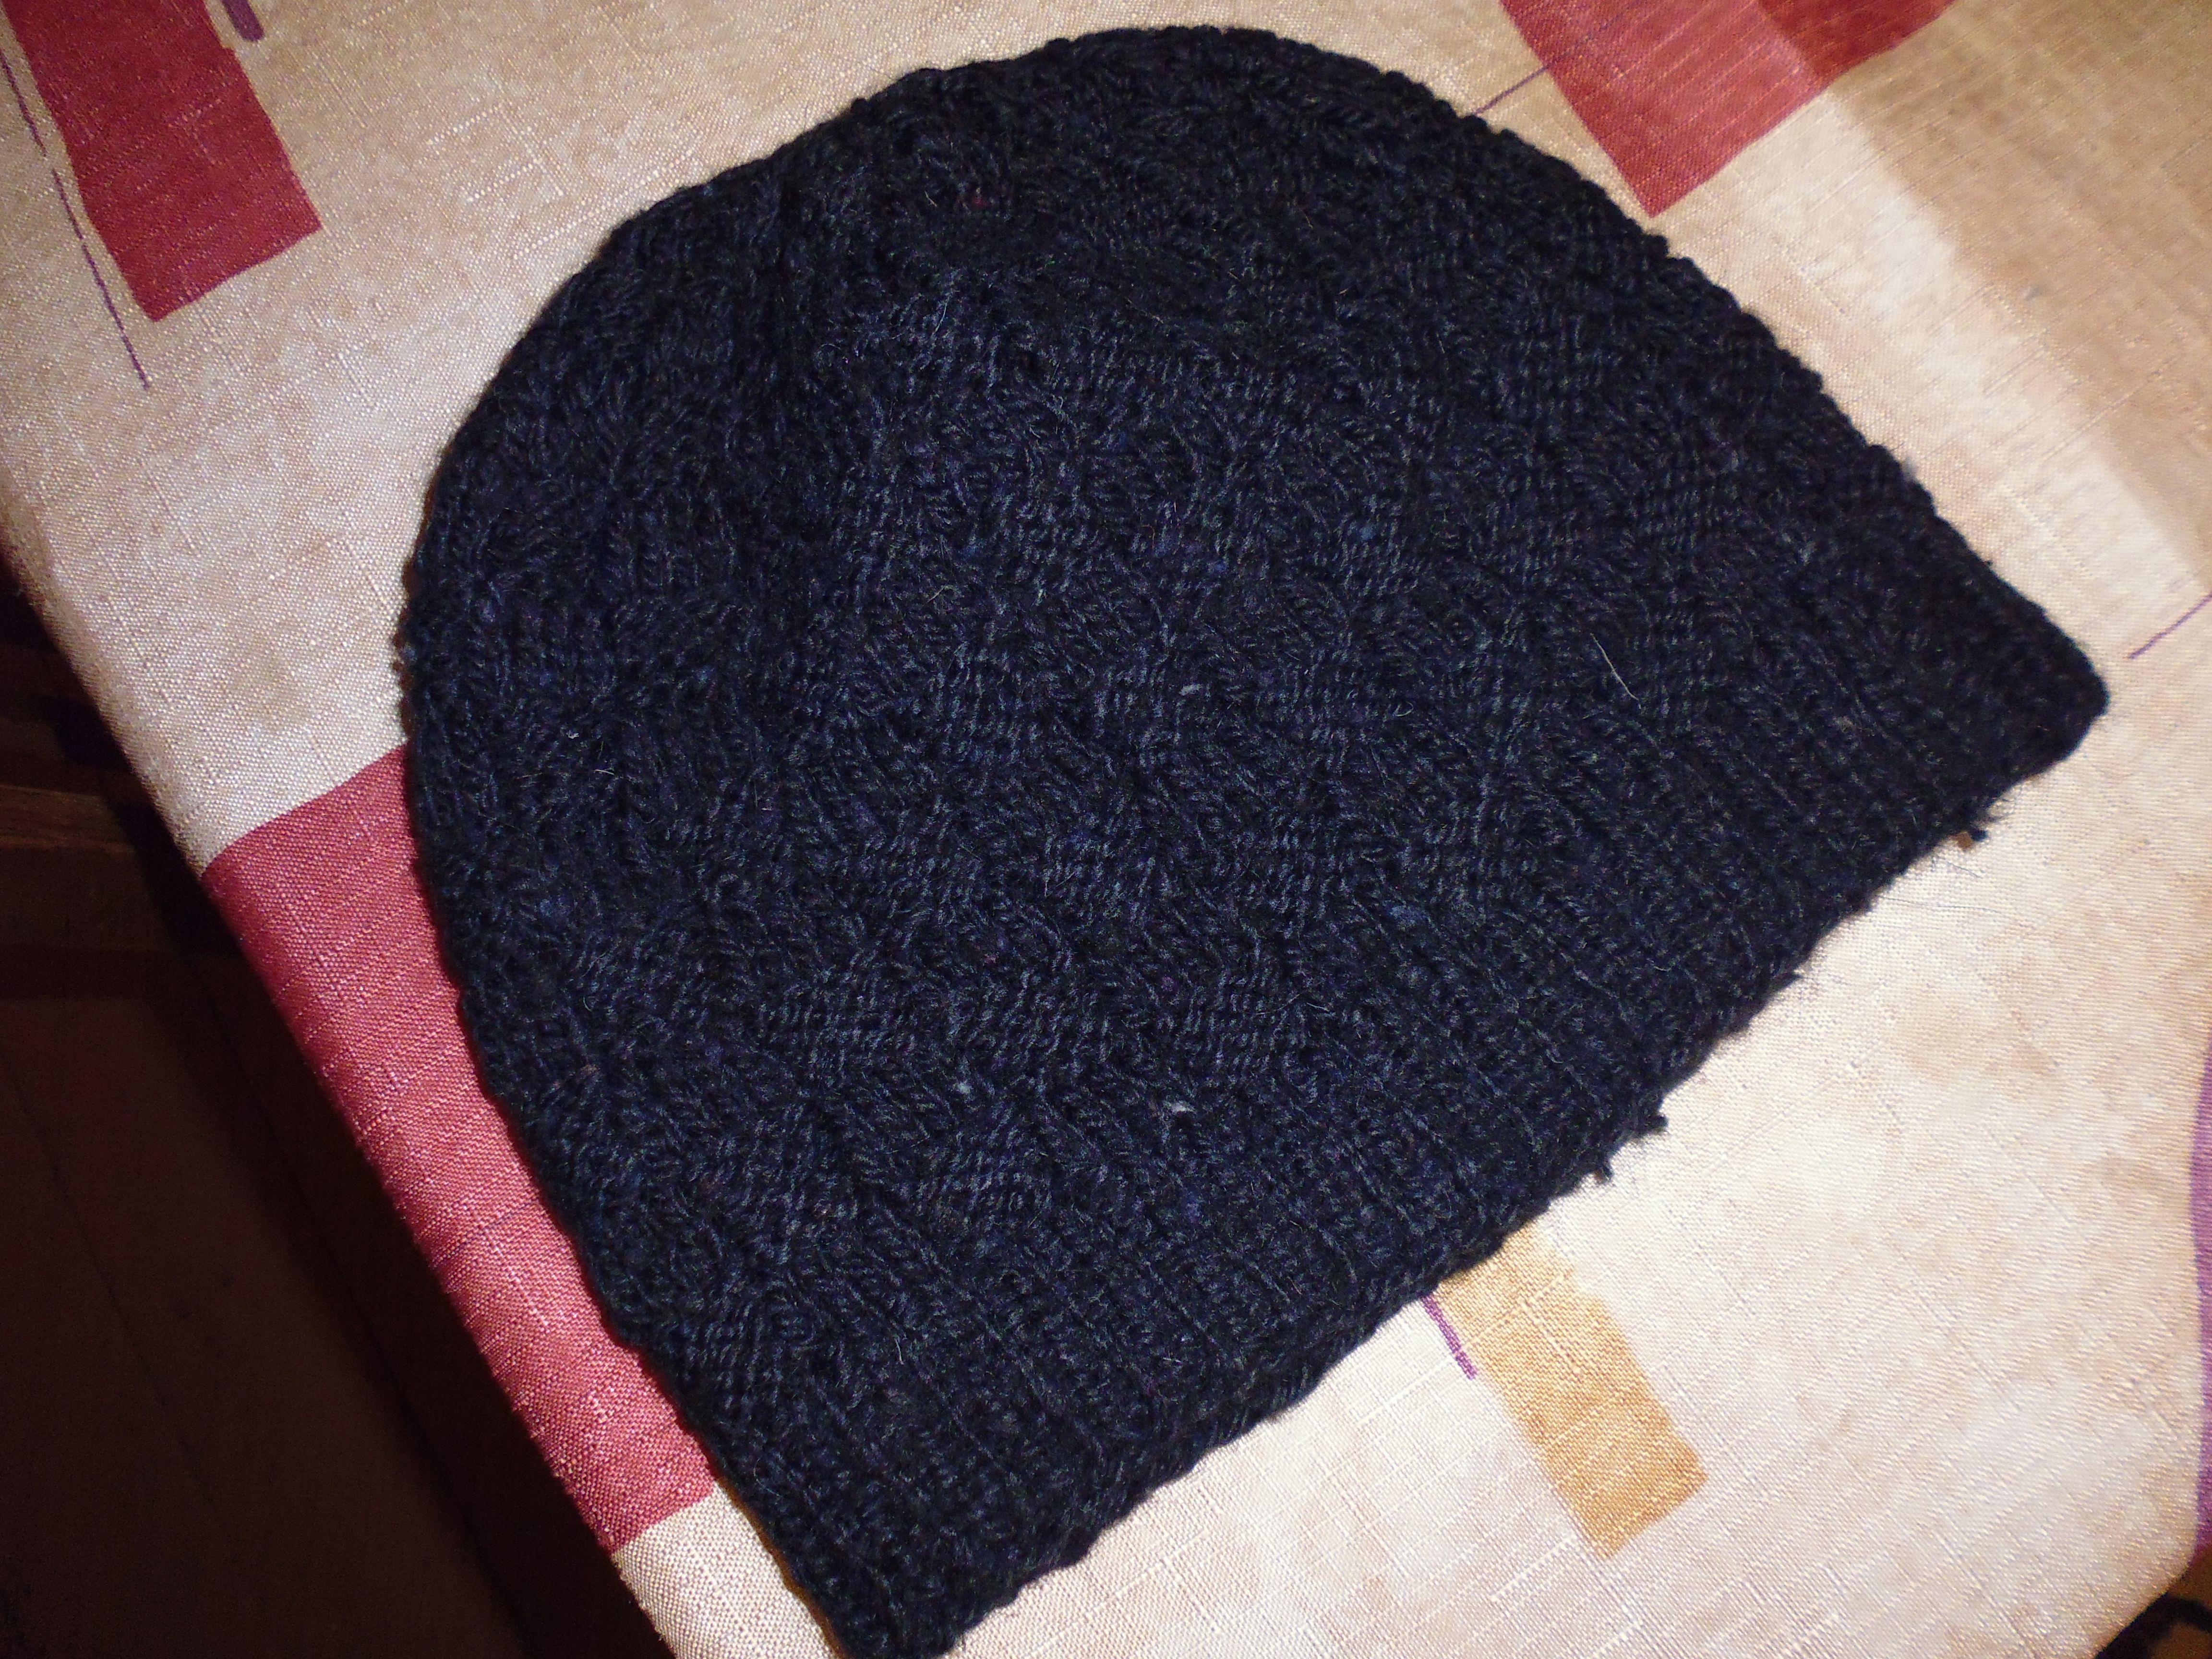 шапкамужская шапка kniting вяжуназаказ вяжу knitting шапканазаказ вязаниеназаказ